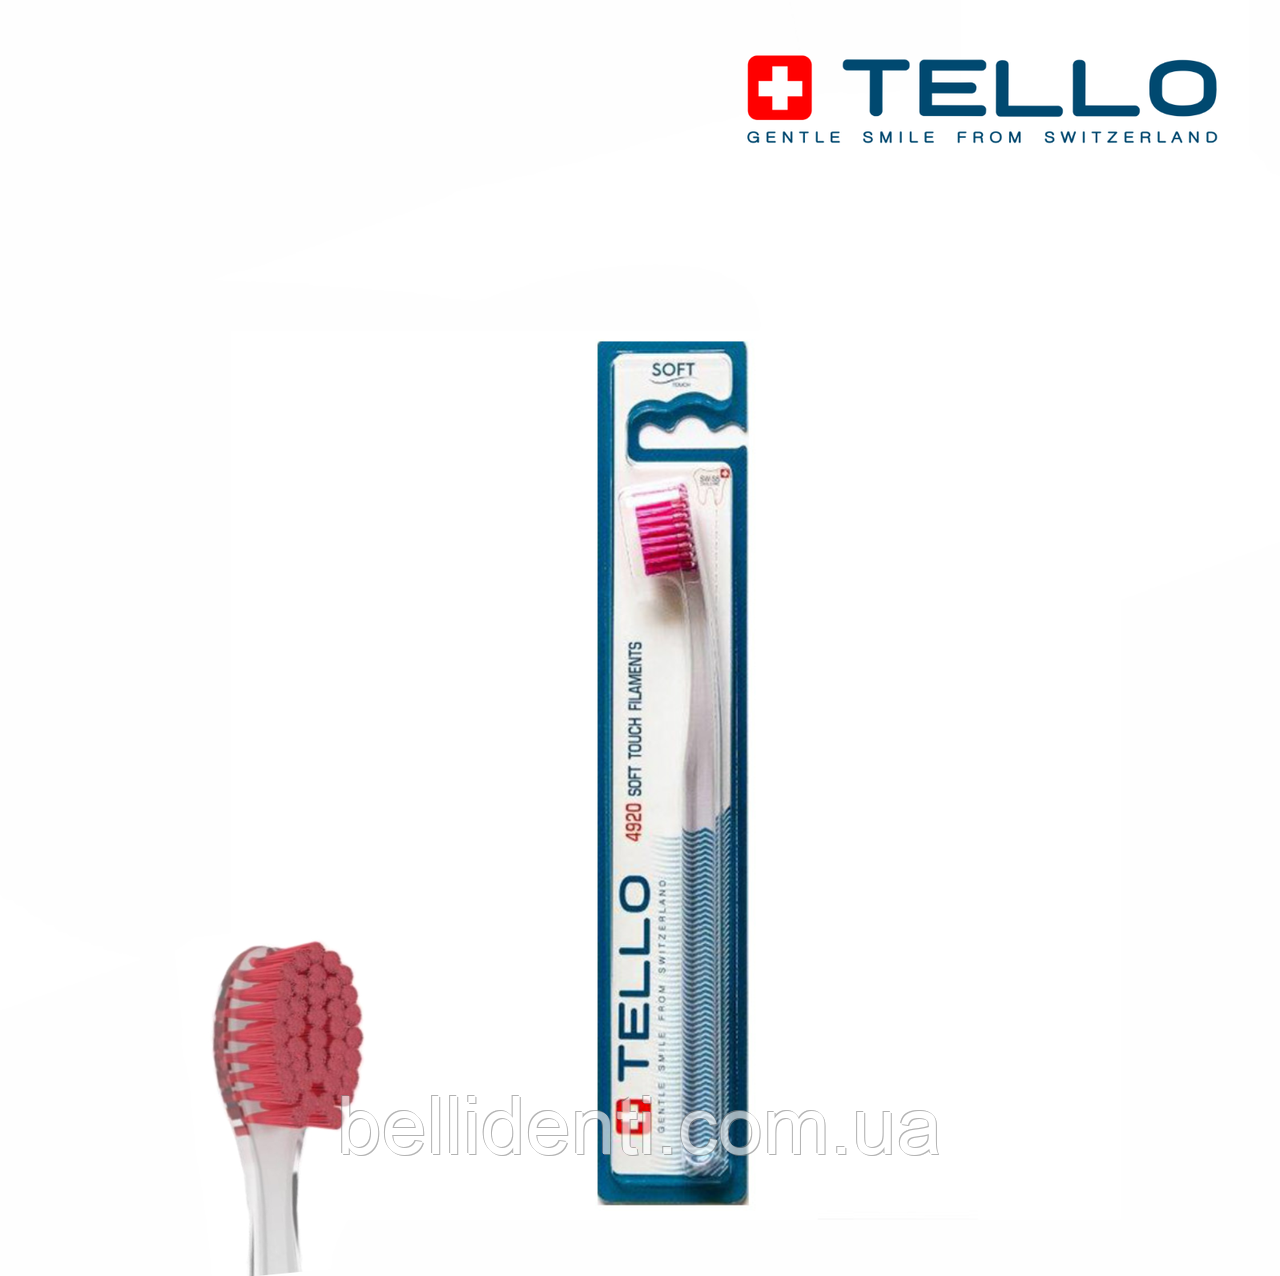 Зубная щетка Tello Soft 4920, 1 шт